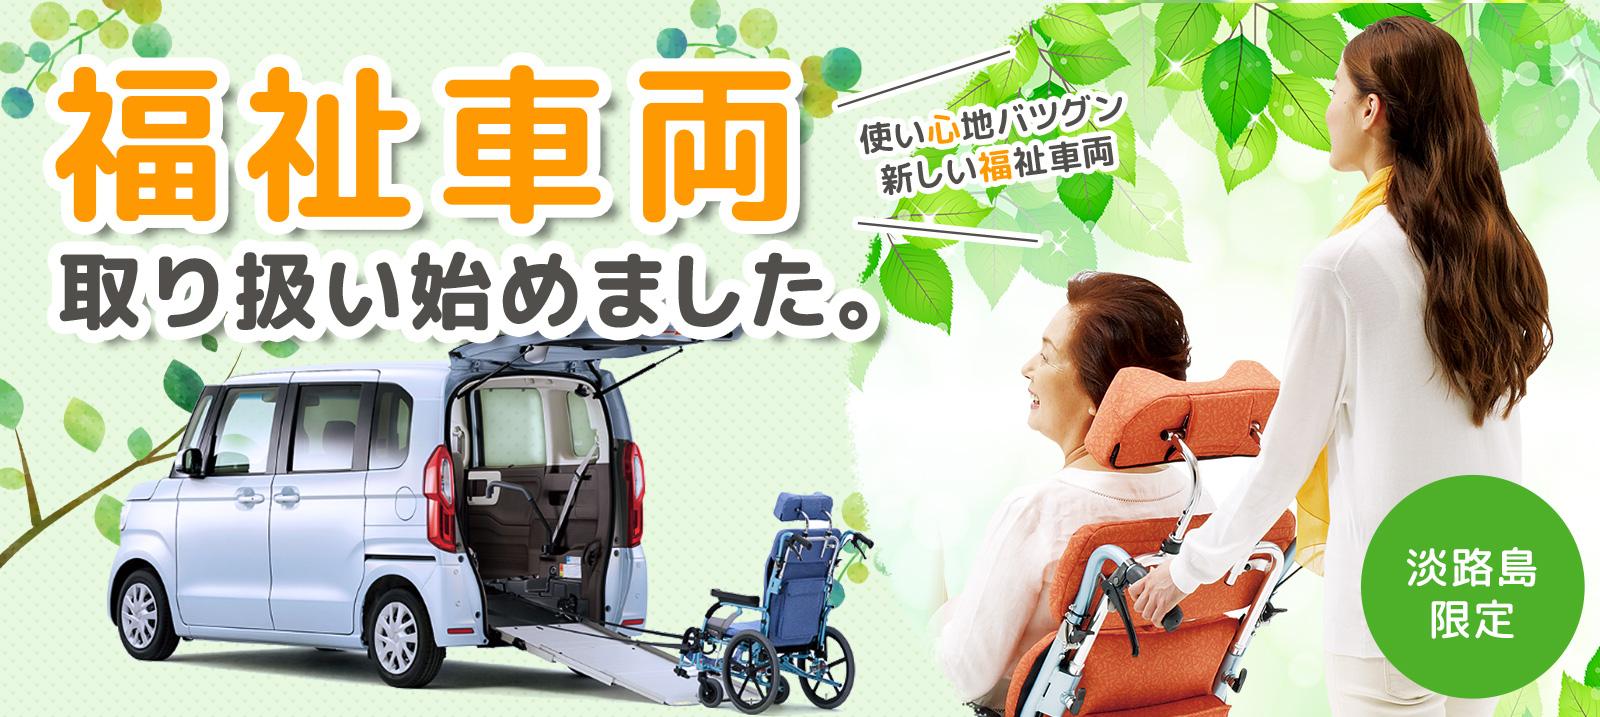 【淡路島中央店】「福祉車両」 取り扱い始めました!